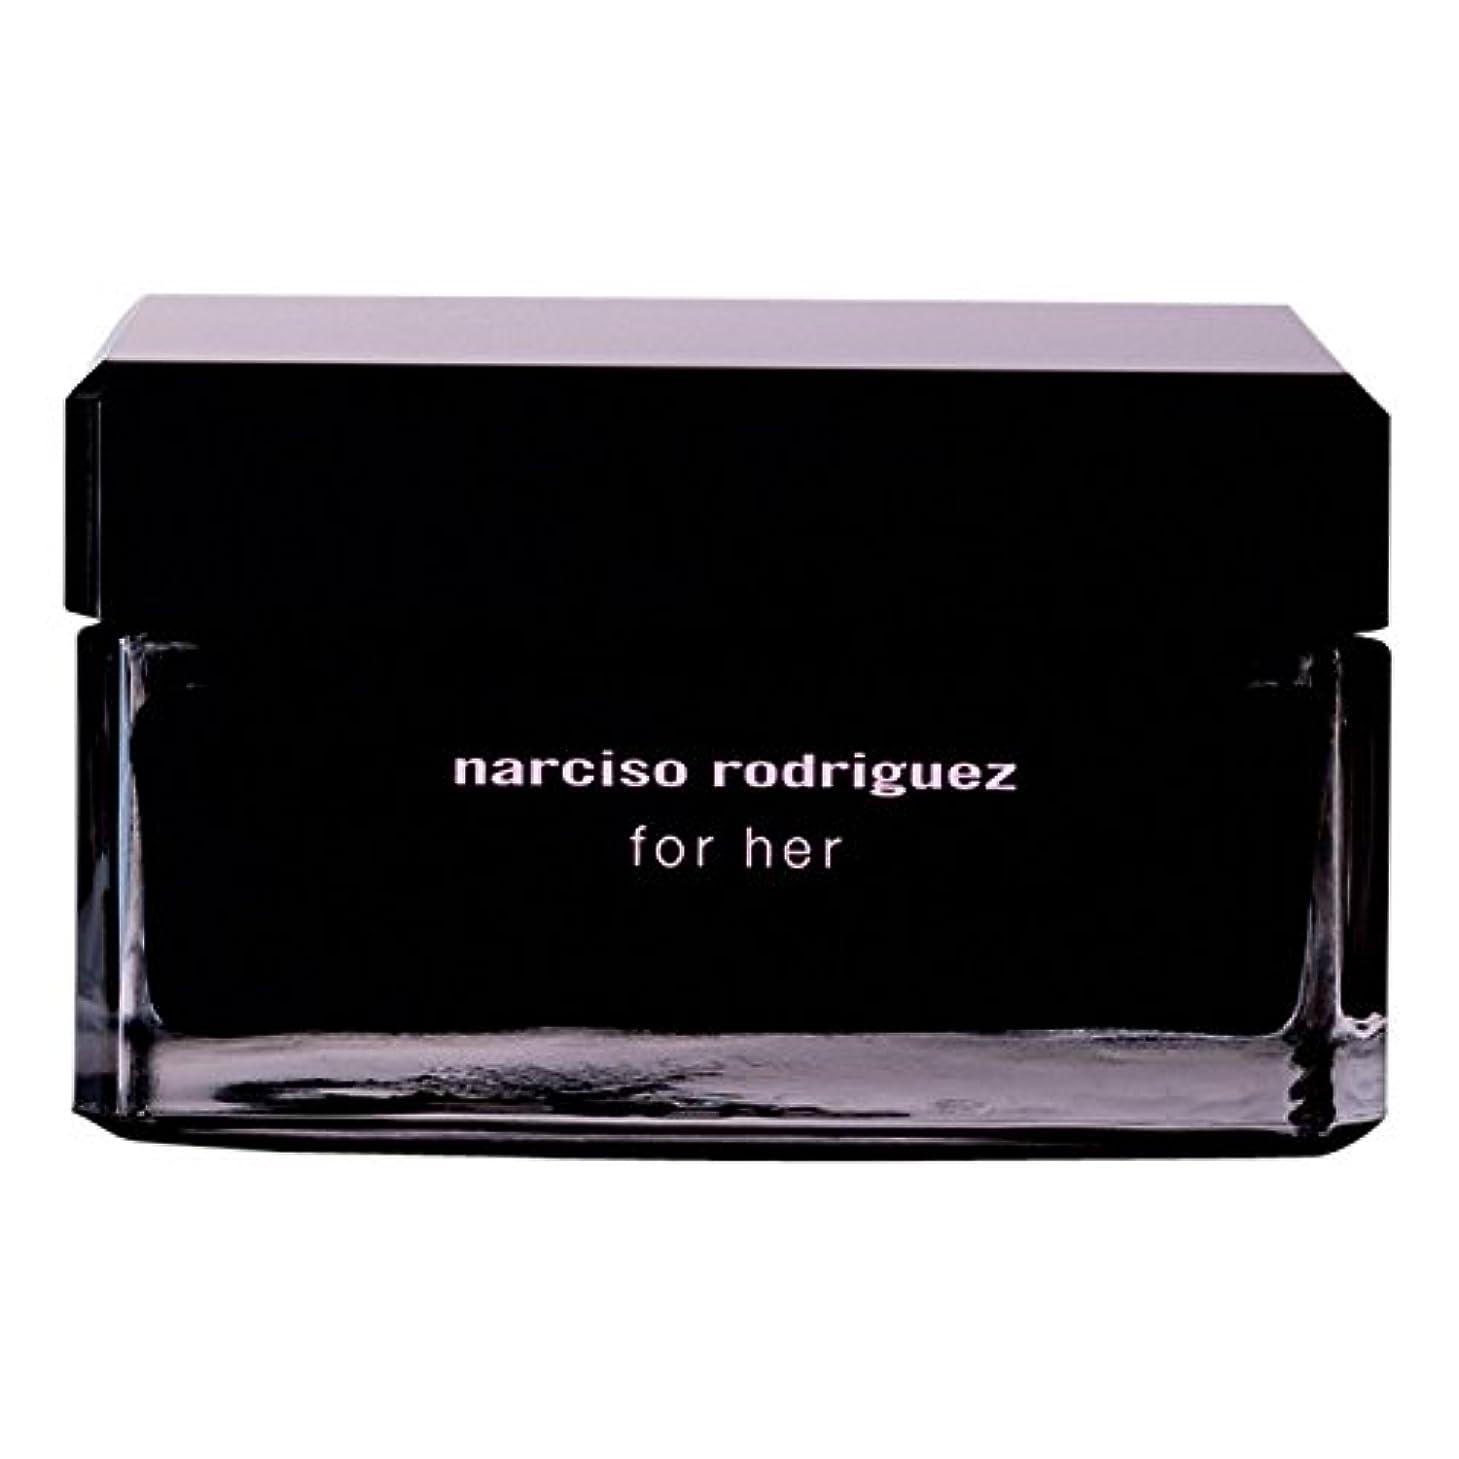 水星迷路ミサイルナルシソ?ロドリゲスボディクリーム150ミリリットル (Narciso Rodriguez) - Narciso Rodriguez Body Cream 150ml [並行輸入品]